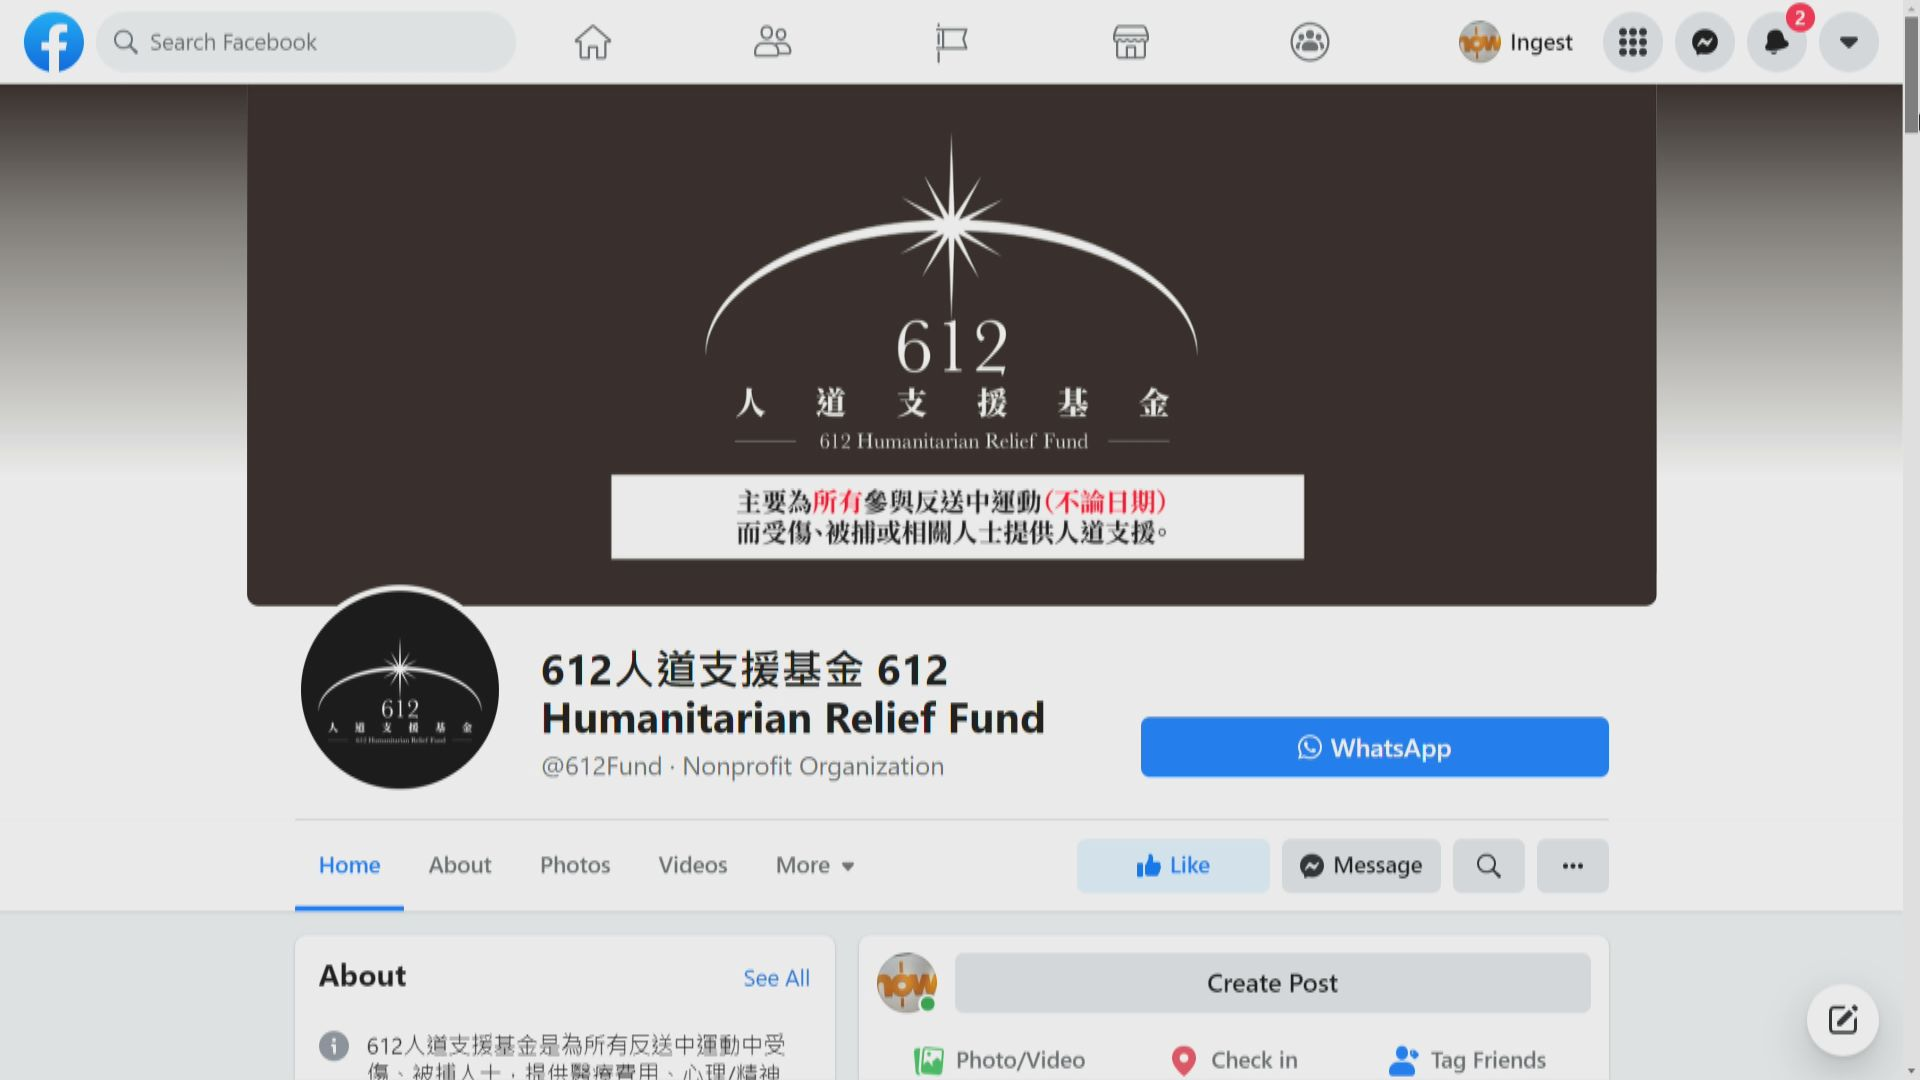 612人道支援基金下月28日停止運作 十月底解散